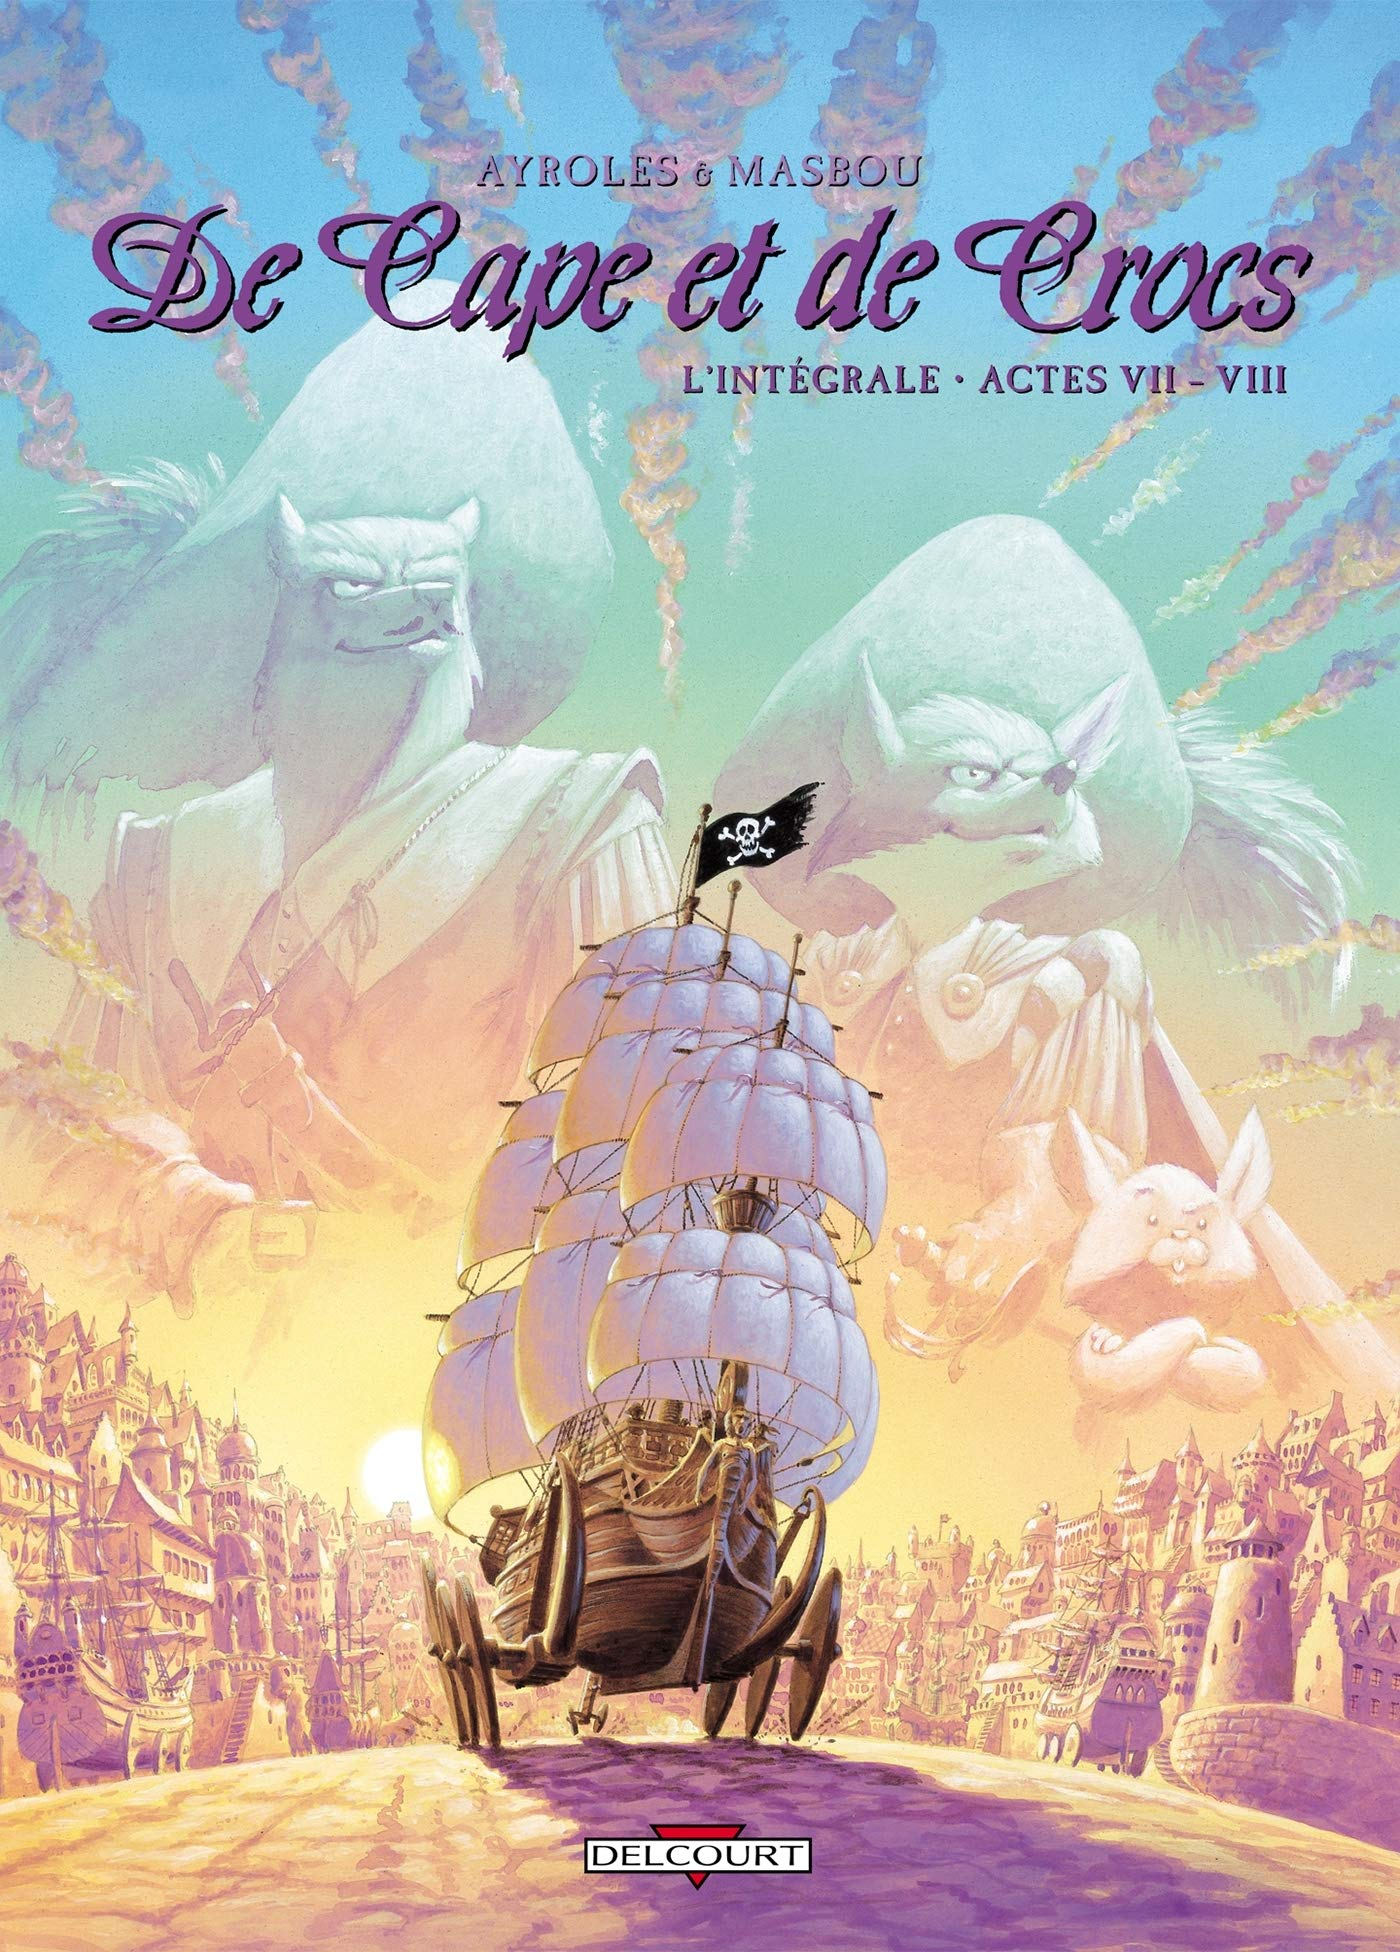 NEUF BD DE CAPE ET DE CROCS INTEGRALE T07 ET T08